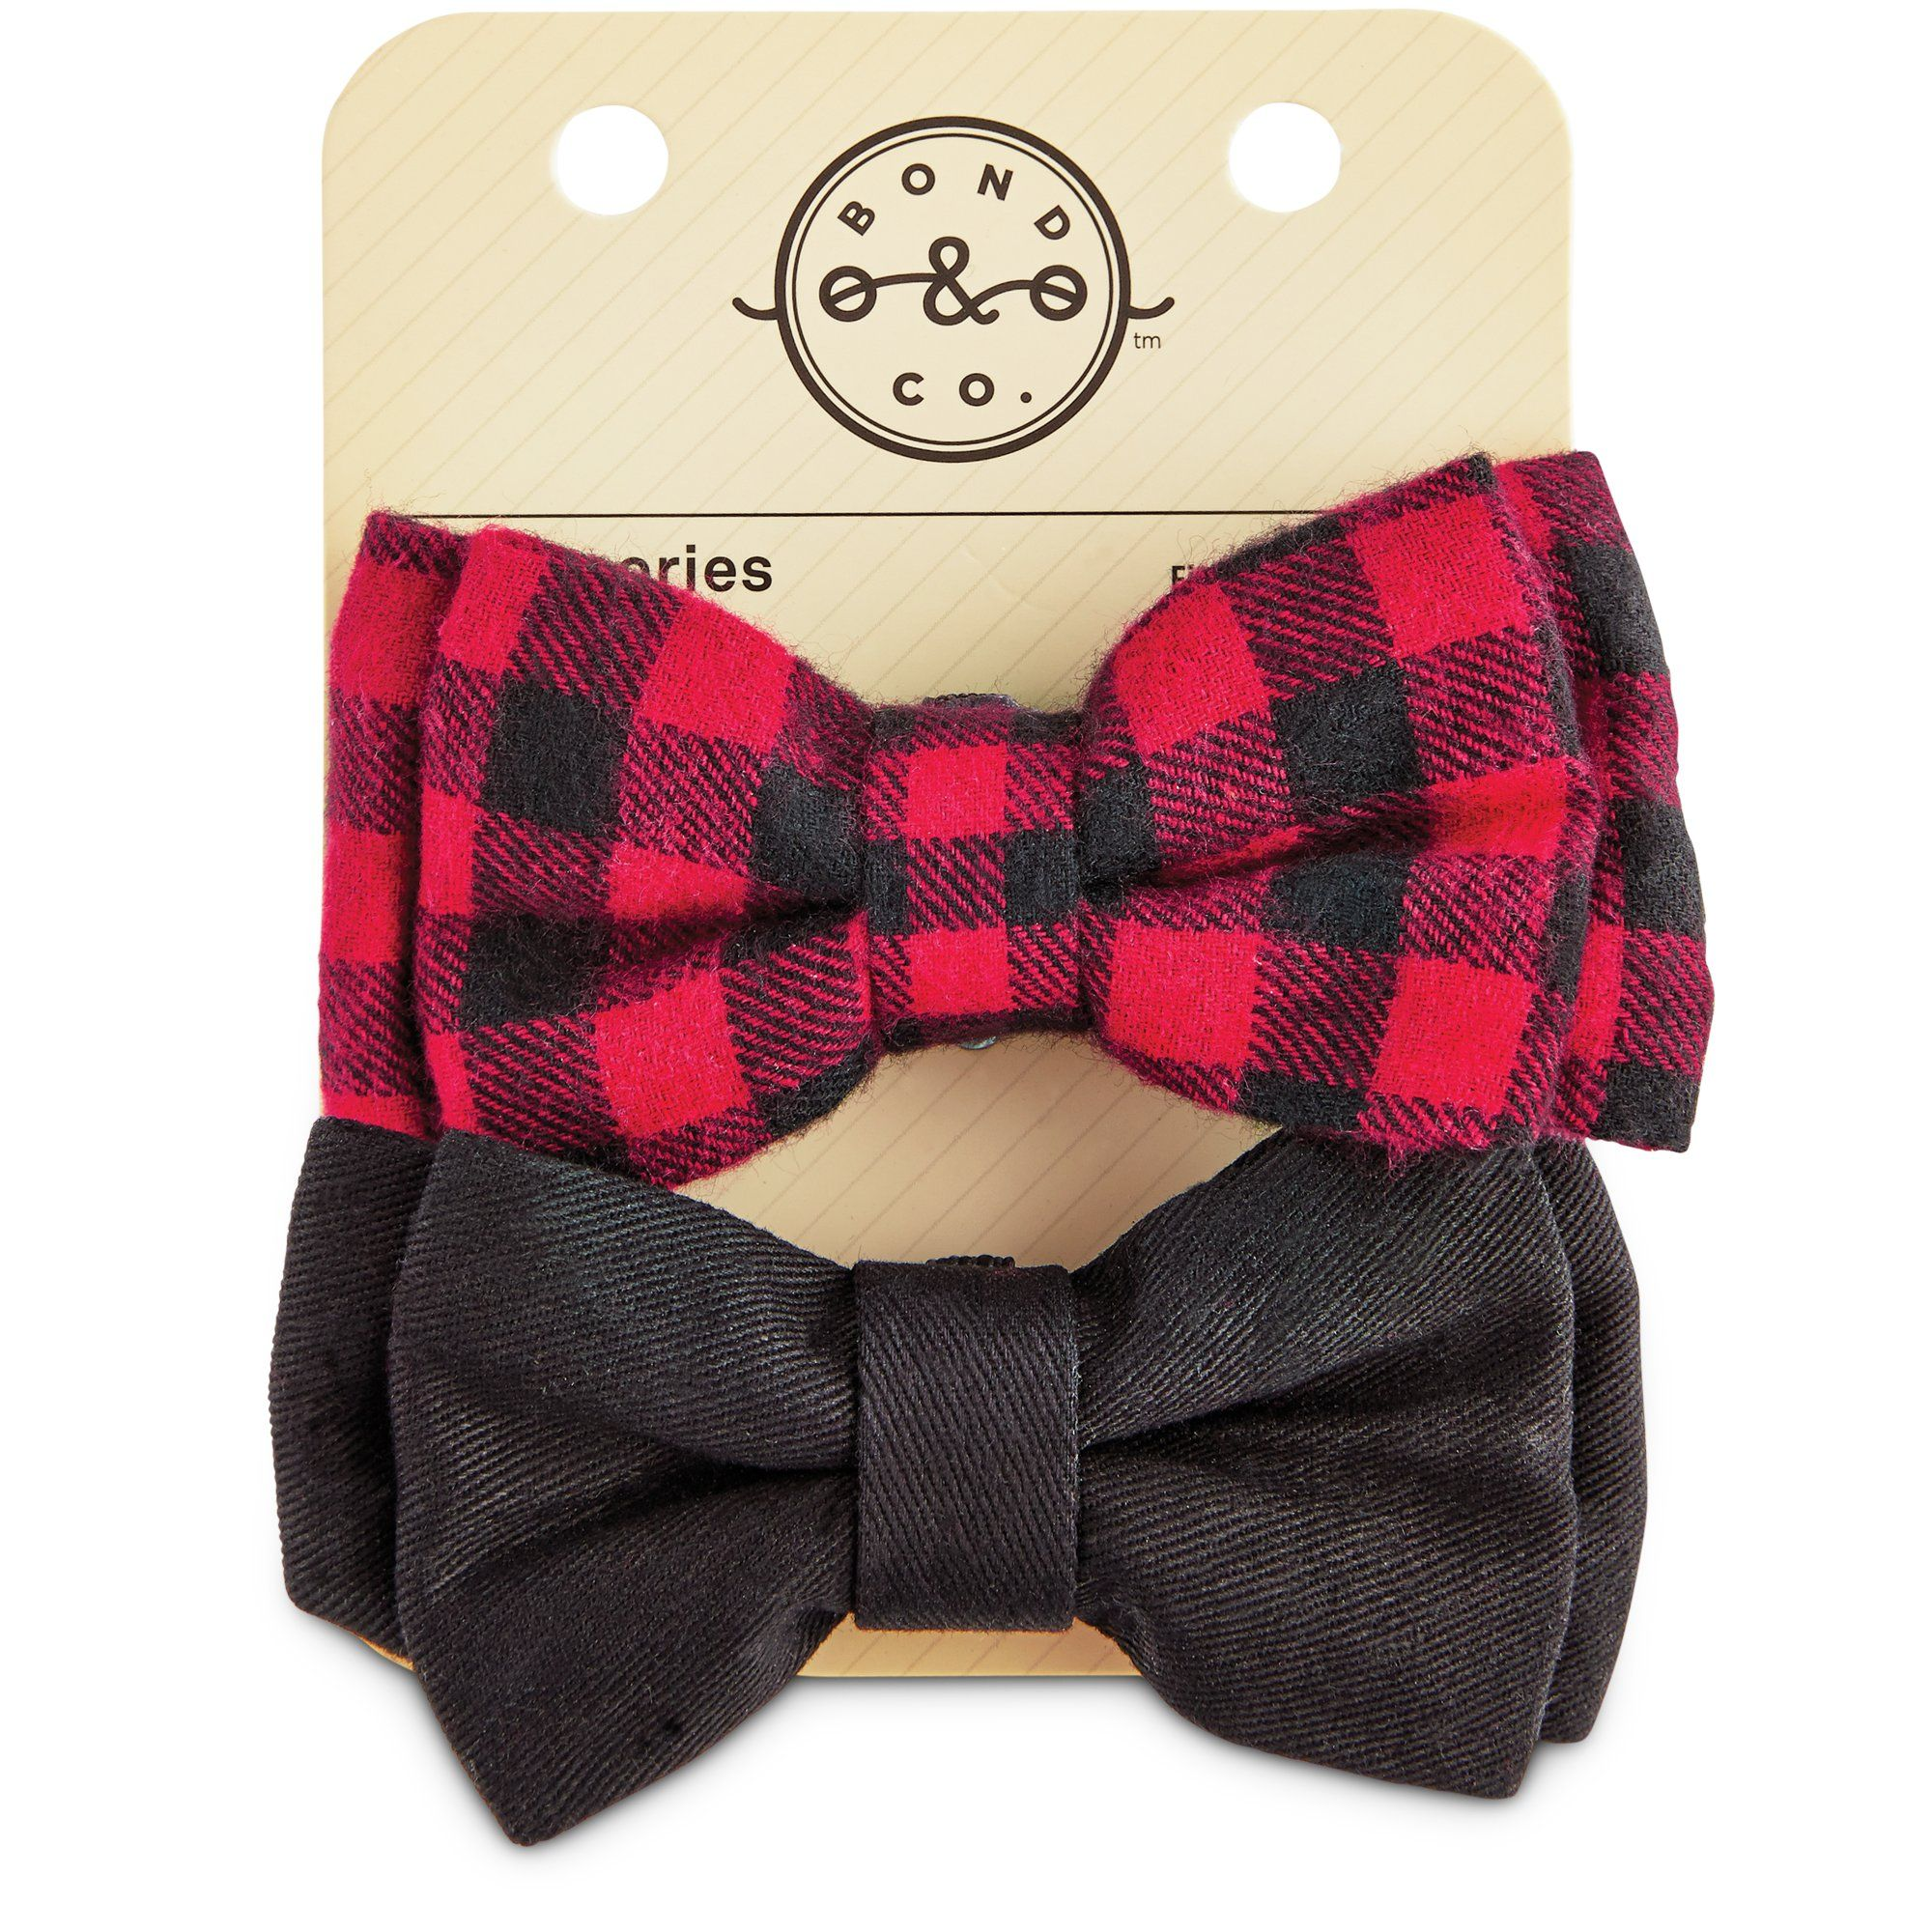 Bond Co Buffalo Check Dog Bowtie Set 2pk Ropa Para Perros Ropa Para Mascotas Accesorios Para Mascotas